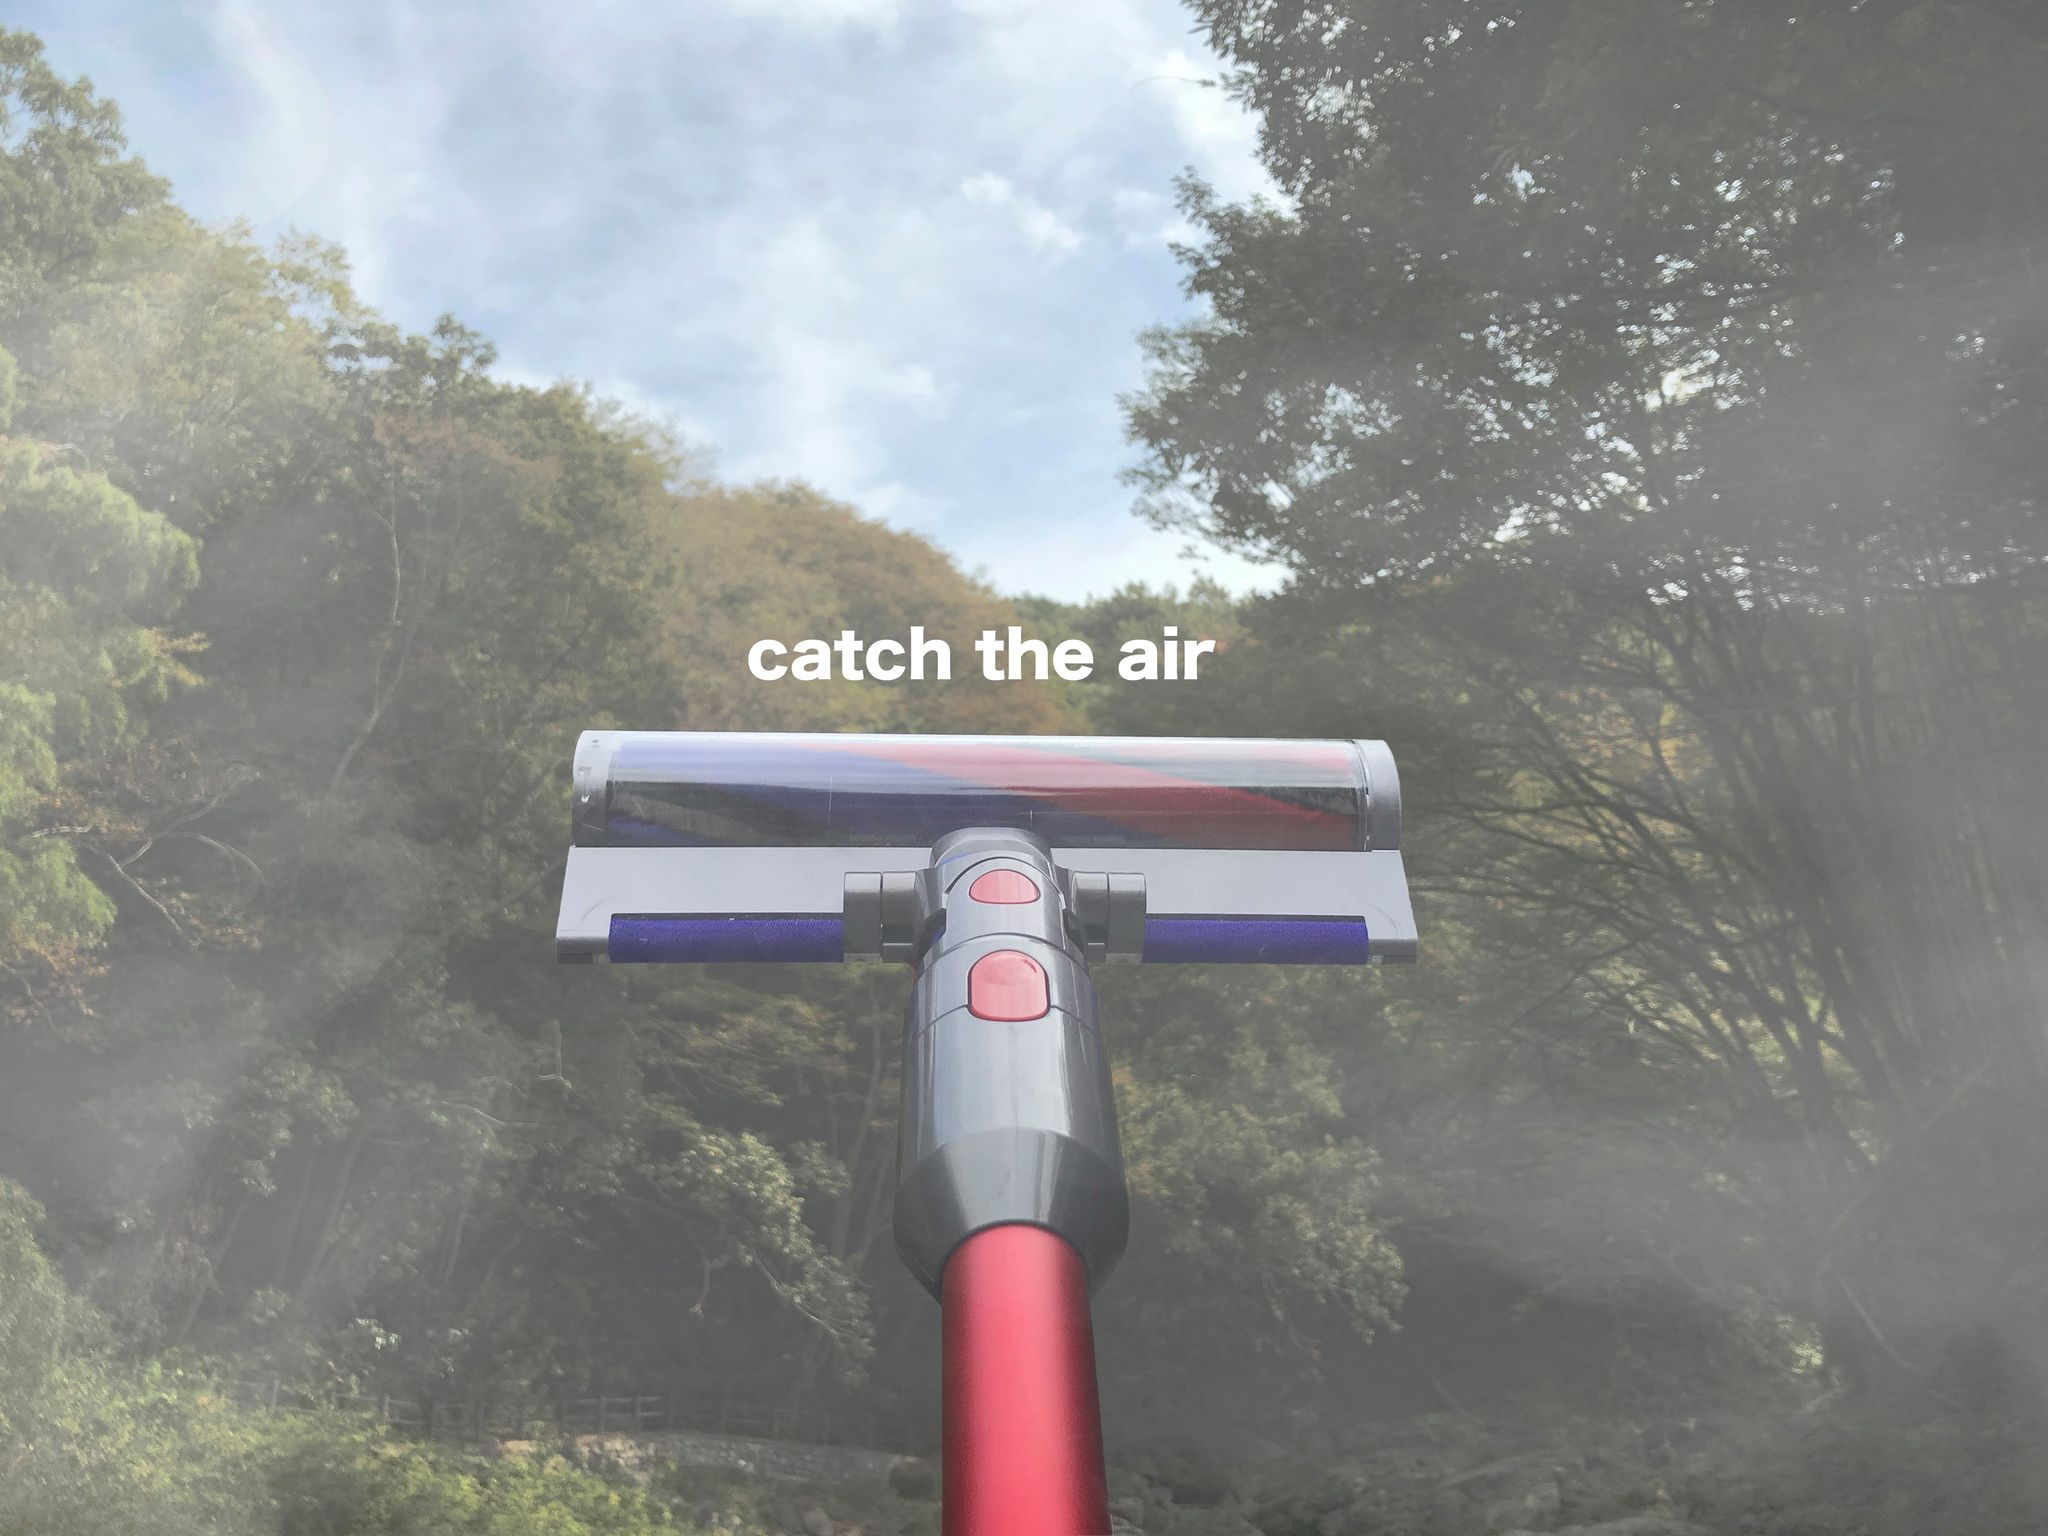 cath the air